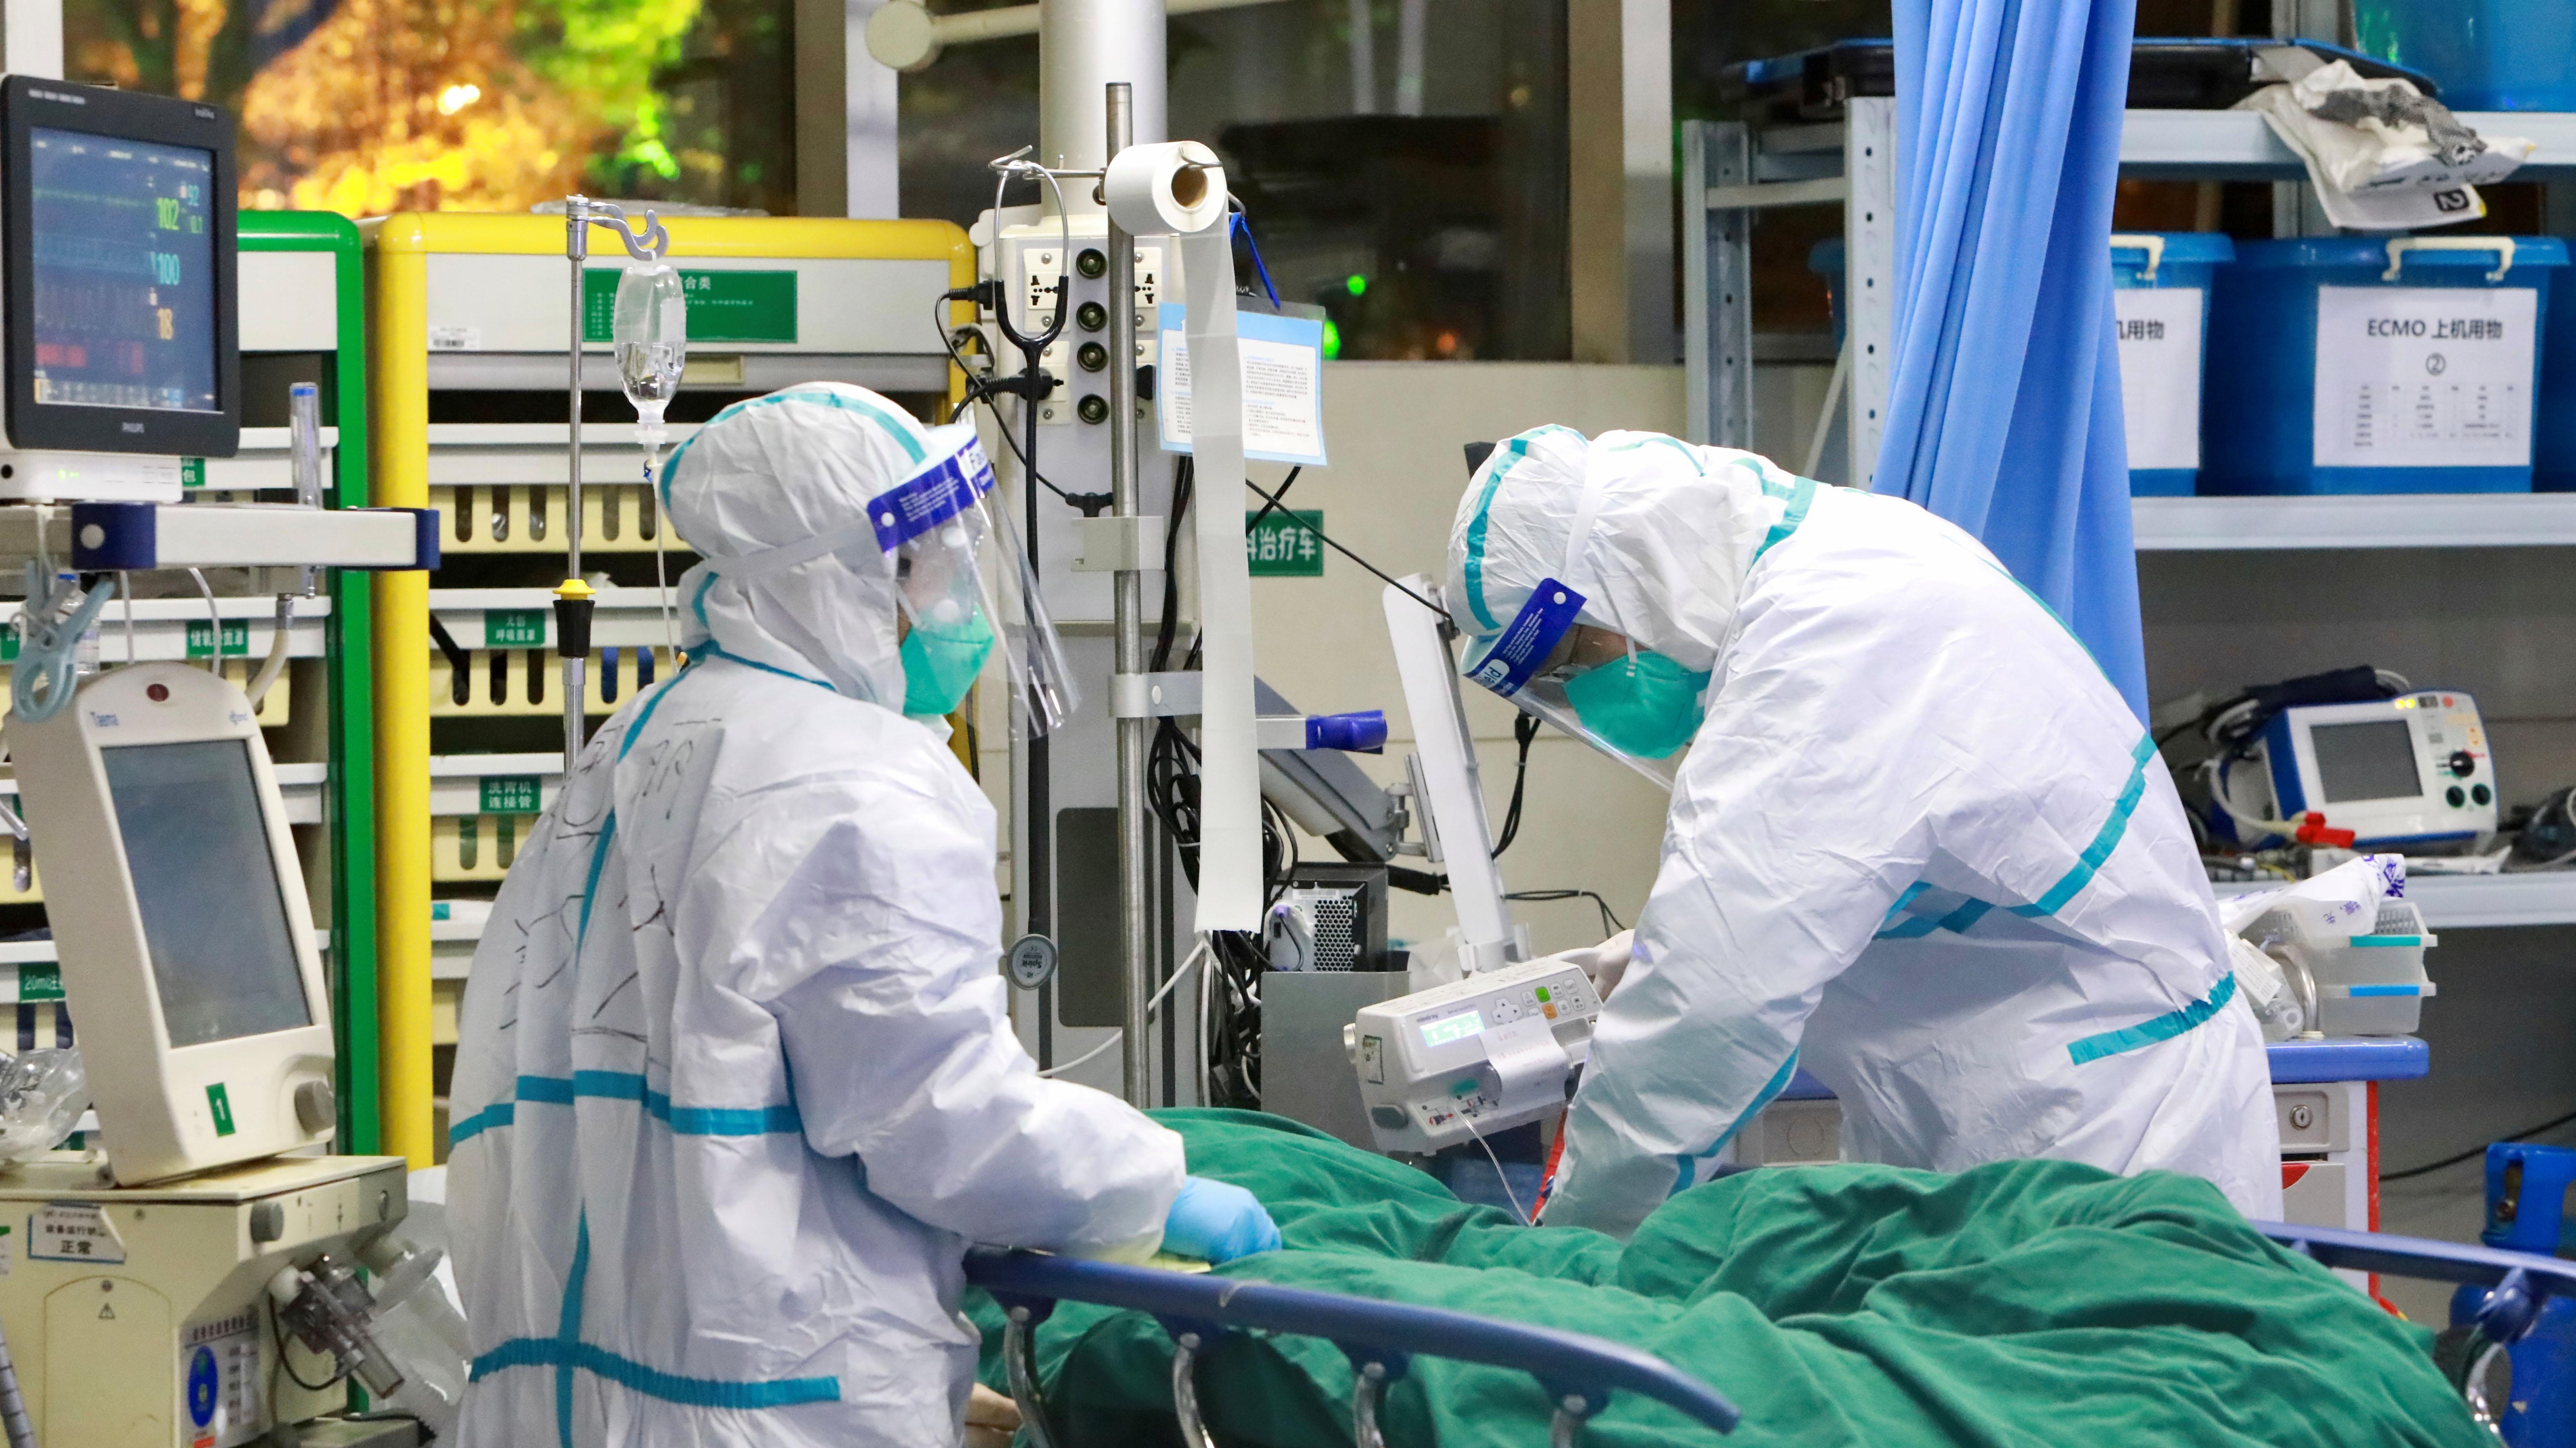 Coronavirus: Cifra de muertos aumenta a 1.113 y confirman 44.653 contagiados